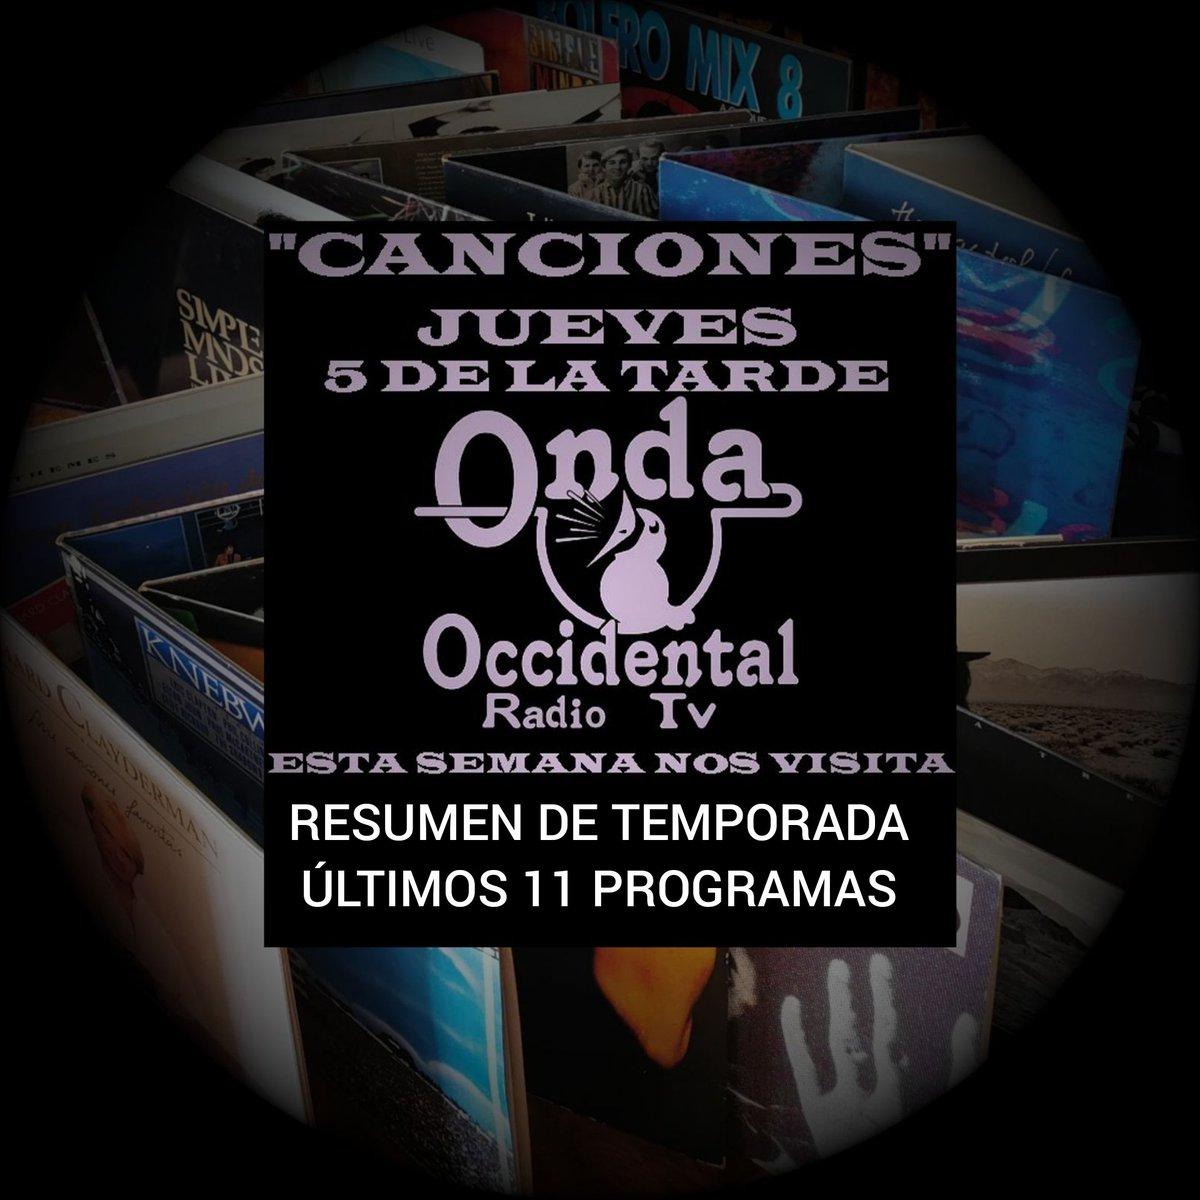 Despedimos temporada con CANCIONES. A las 17:00 horas @Riveroontoria se cita un jueves más con vosotros, acompañado de buena música